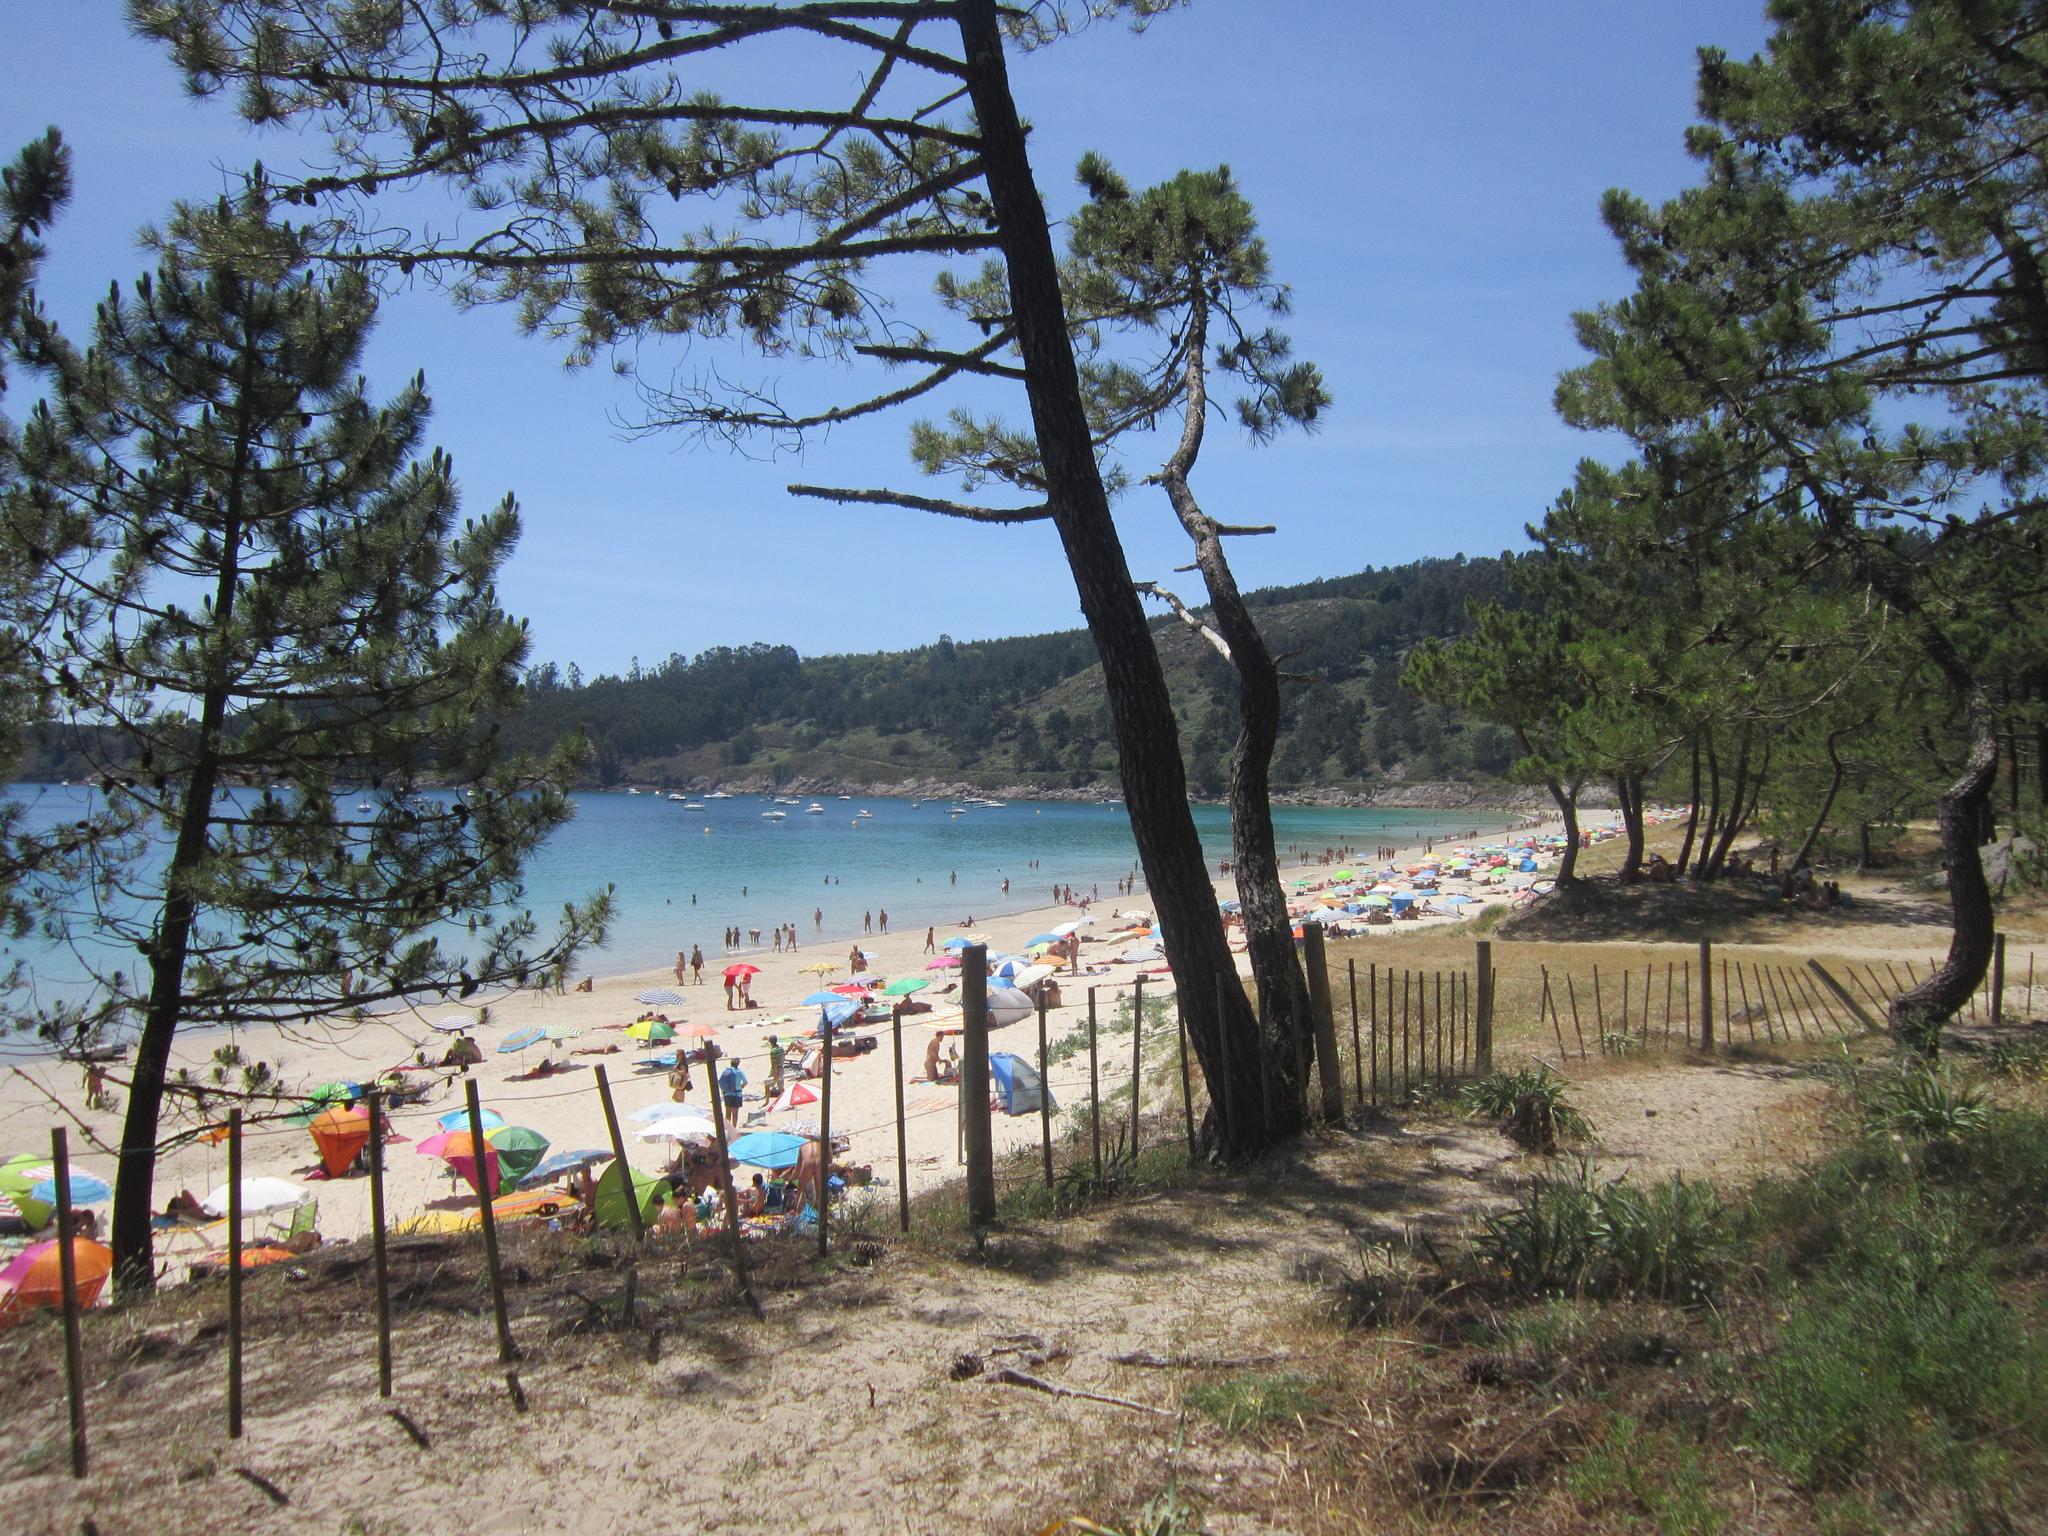 Barra, uno de los arenales nudistas más bellos de Galicia. Foto: Pepe Martin, Flickr.